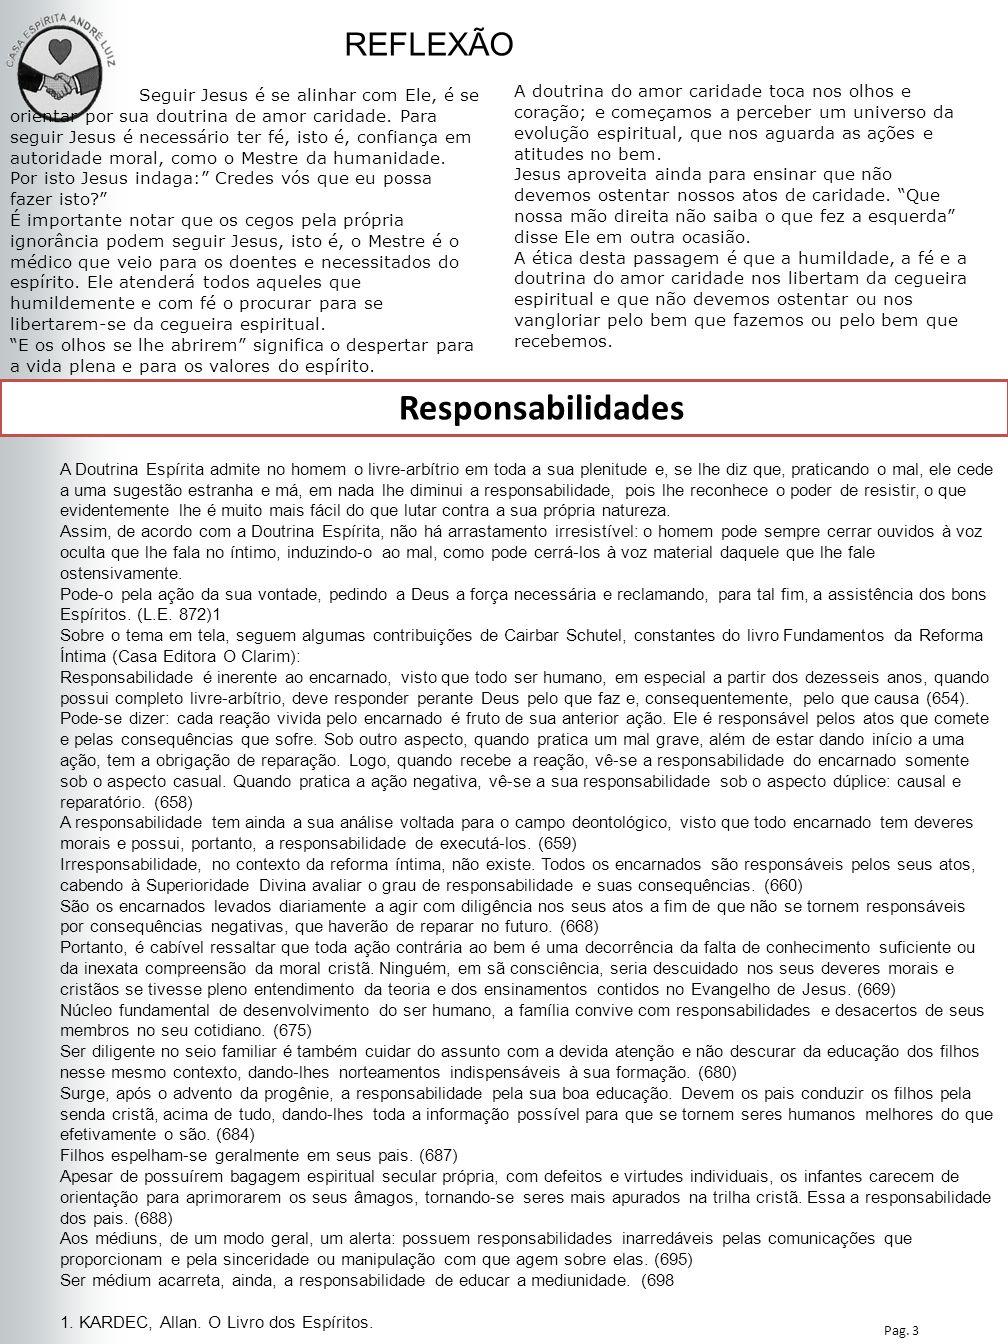 Responsabilidades REFLEXÃO Nesta Edição